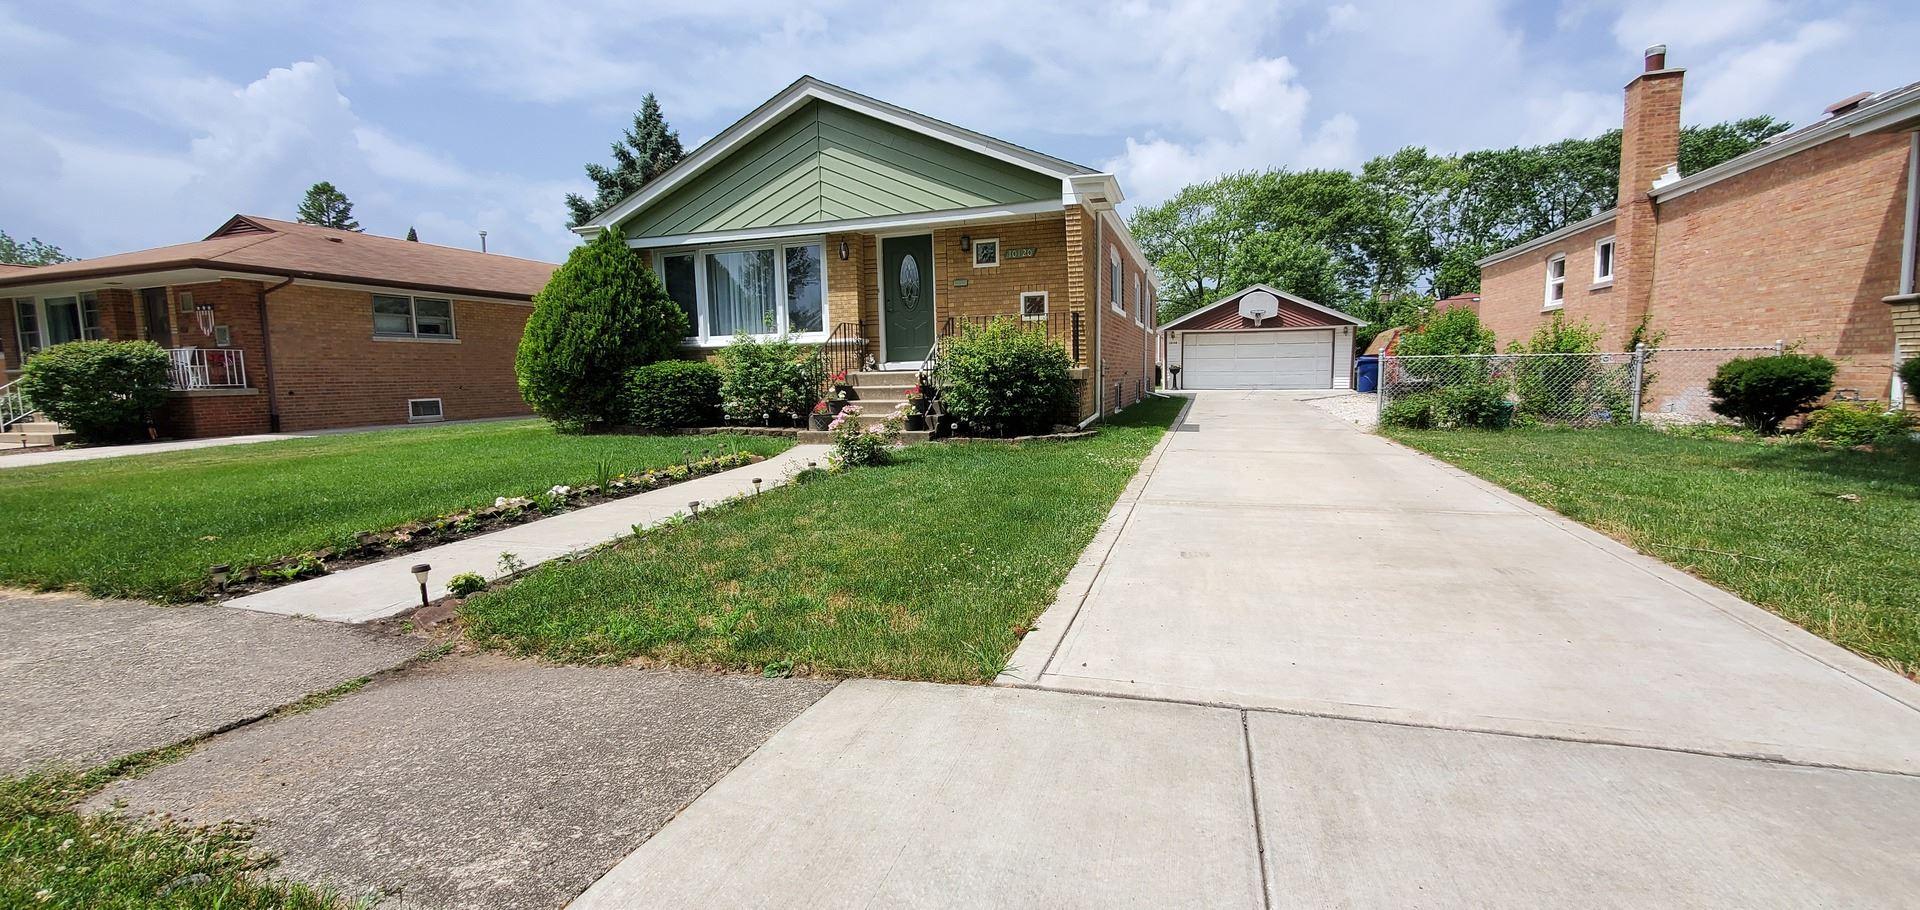 10120 Cook Avenue, Oak Lawn, IL 60453 - #: 10765061